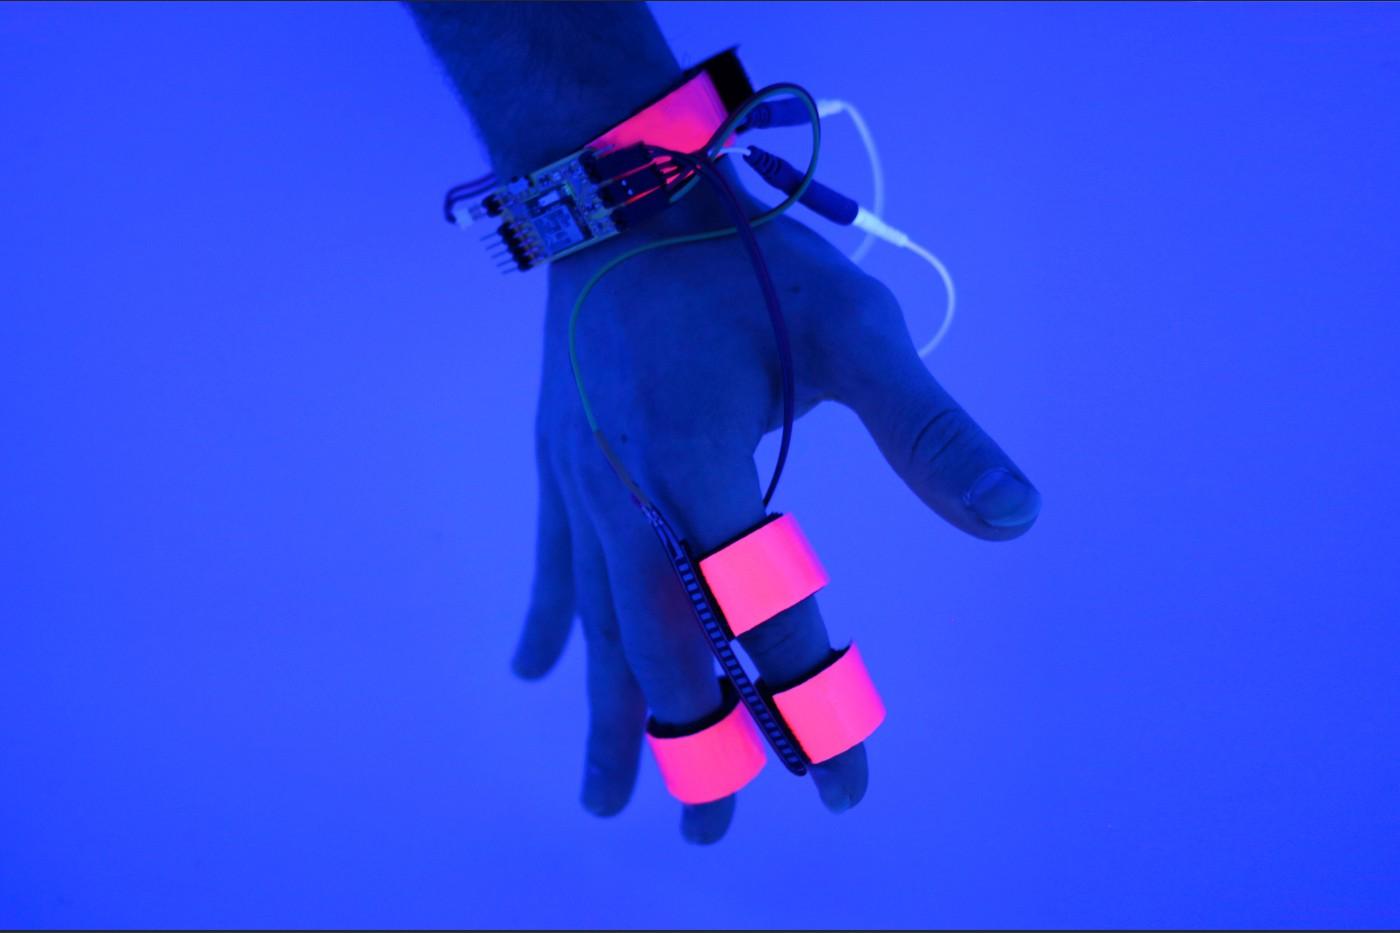 Ученые из MIT разрабатывают устройство, которое позволит хотя бы частично управлять своими снами - 1